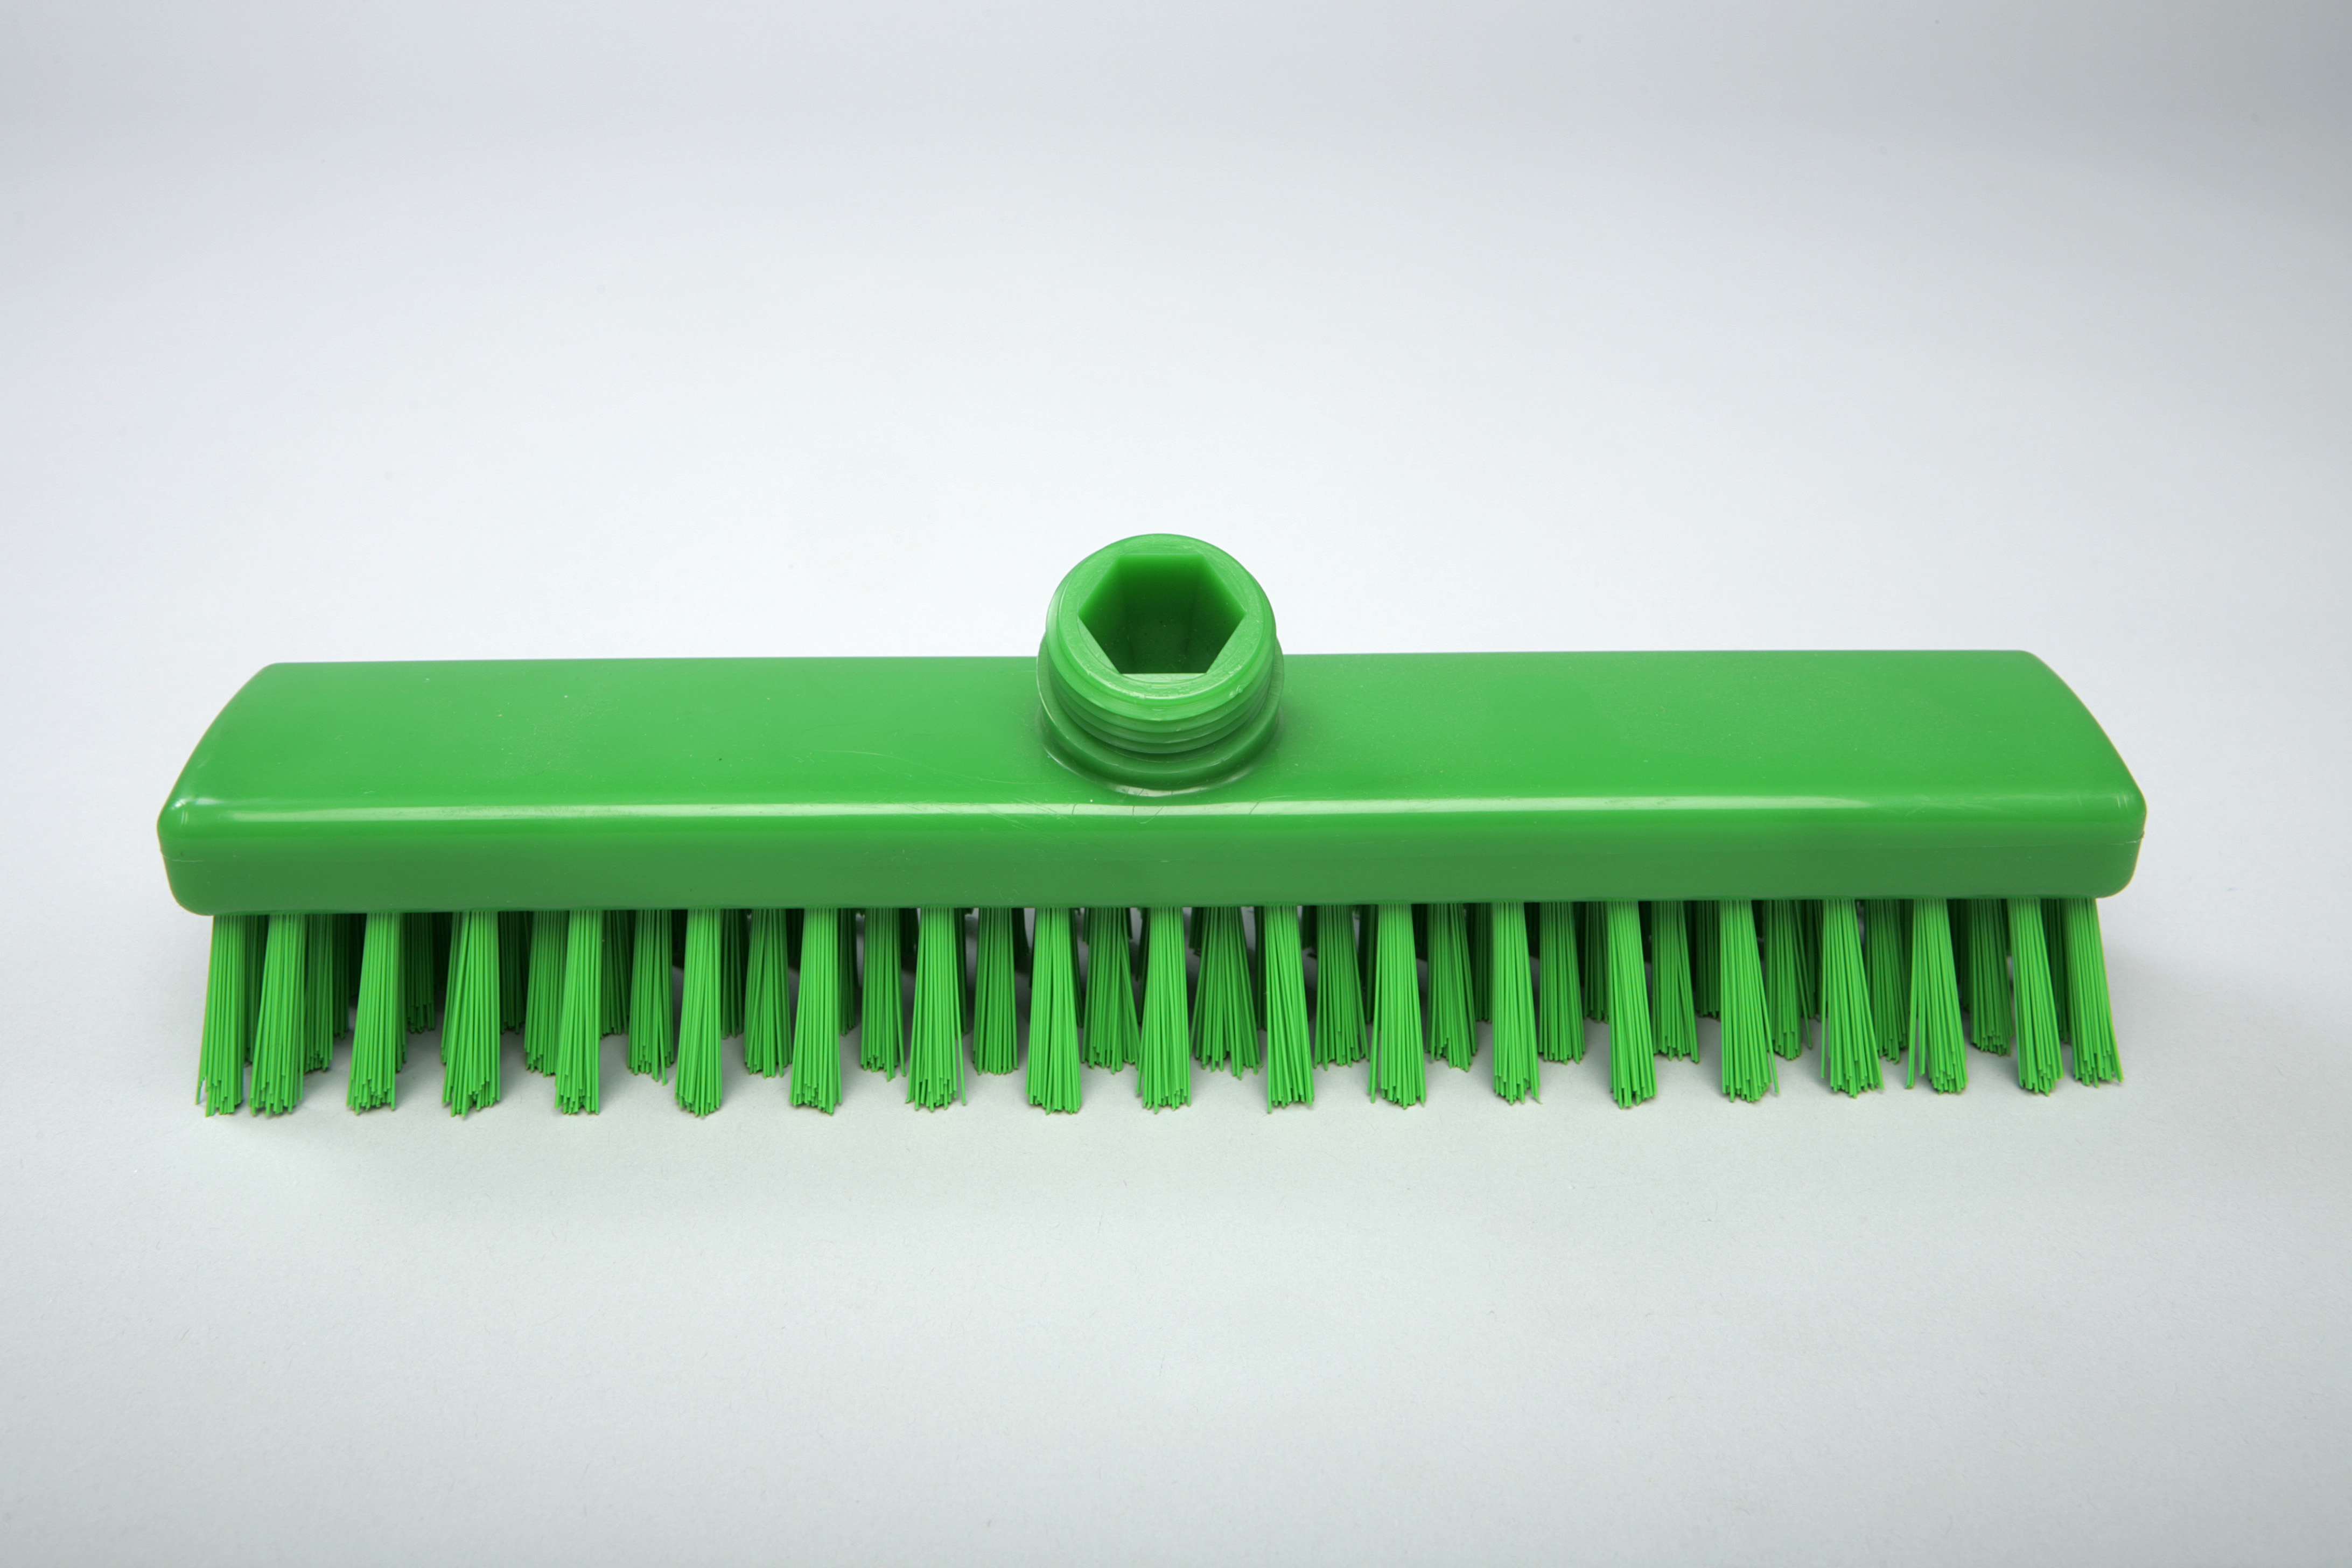 Unimop küürimishari 280 x 50 x 30 mm, tugev, roheline, kastis 6 tk